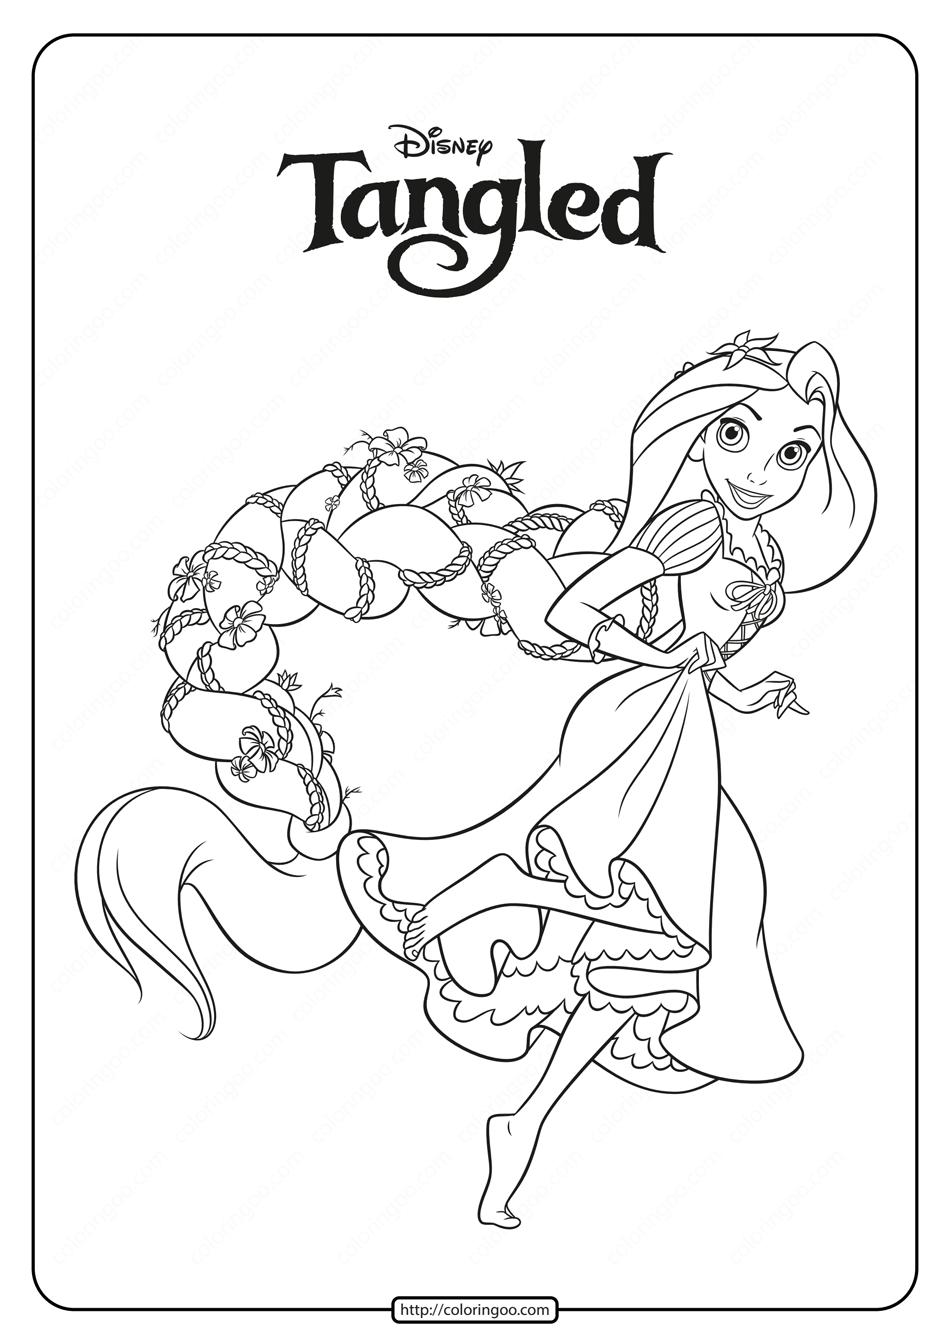 Printable Disney Princess Rapunzel Coloring Pages